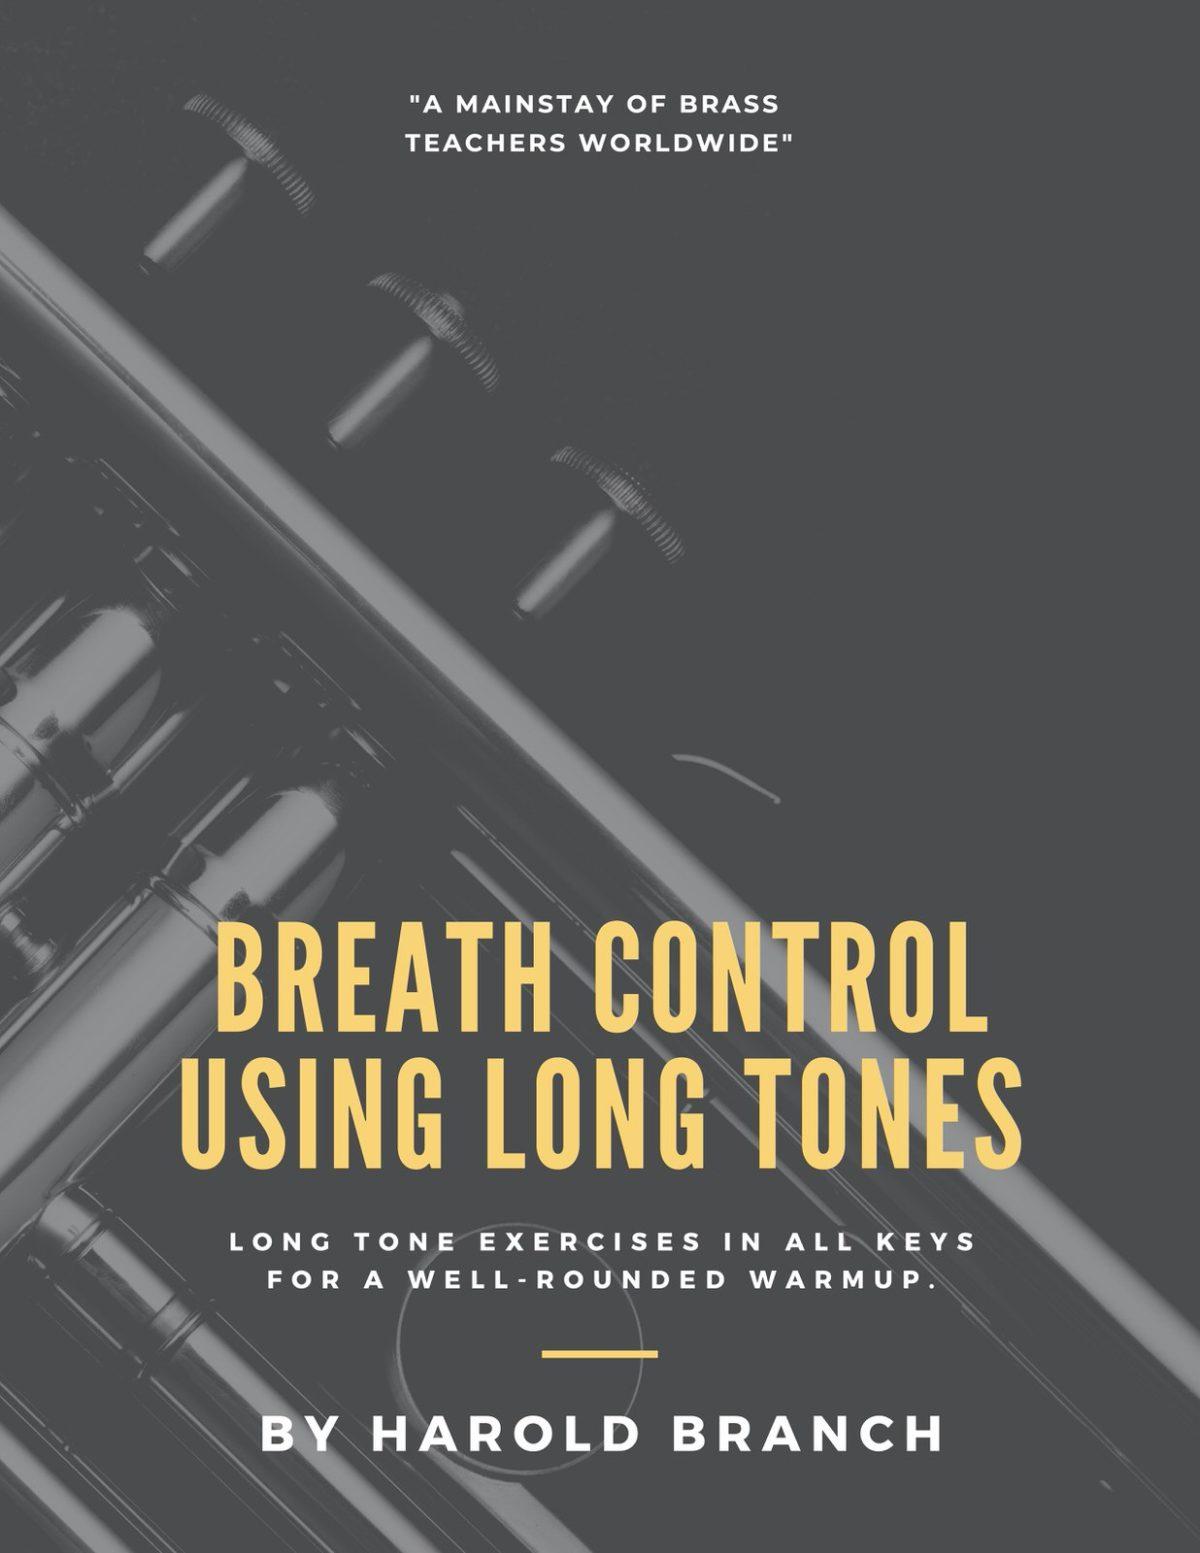 Branch, Breath Control Using Long Tones-p01